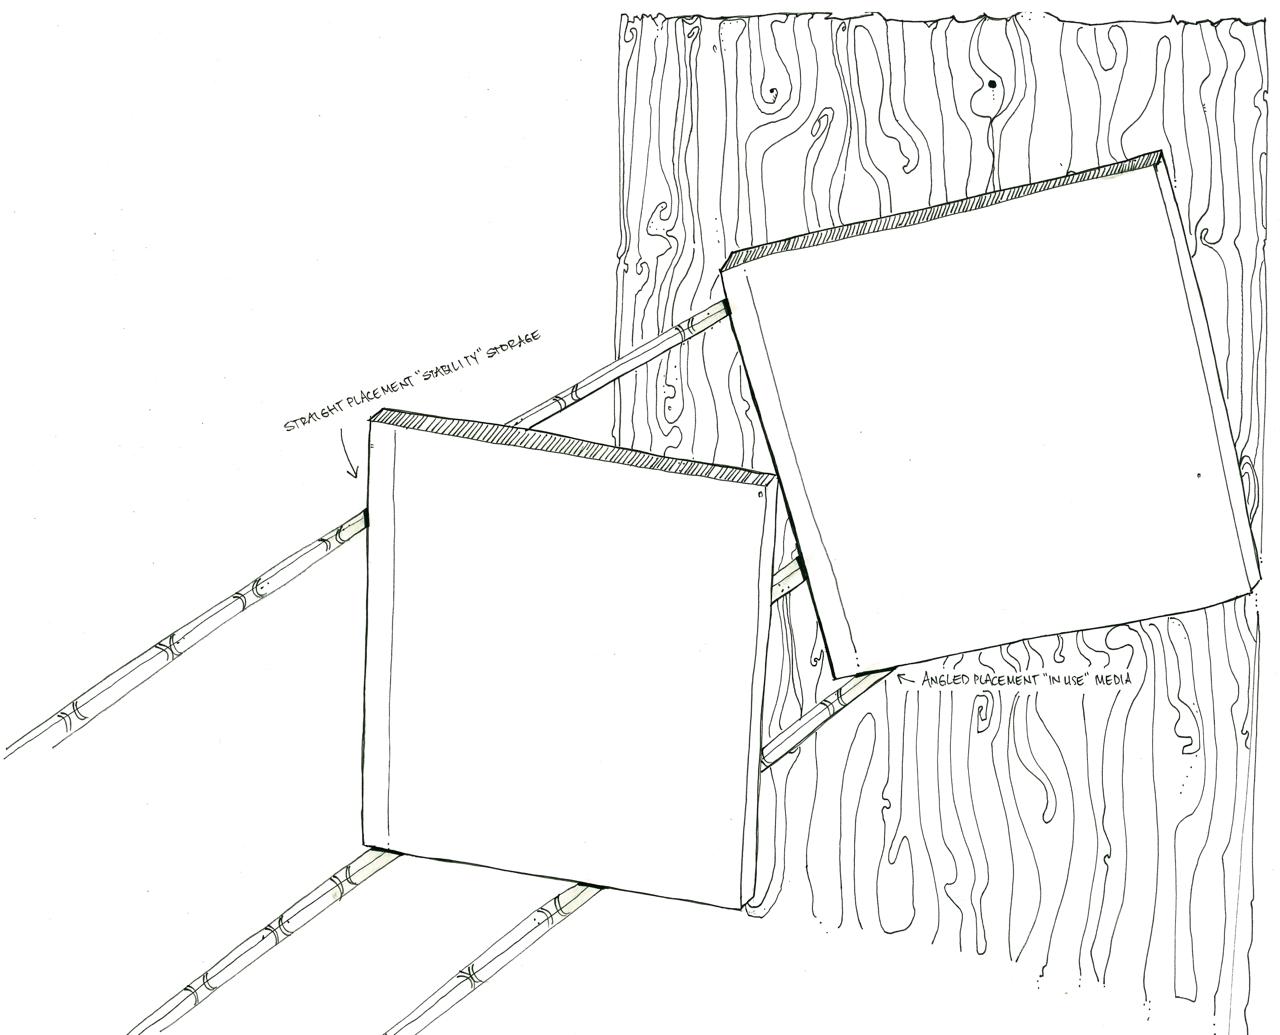 Media Rack Detail Sketch copy.jpg